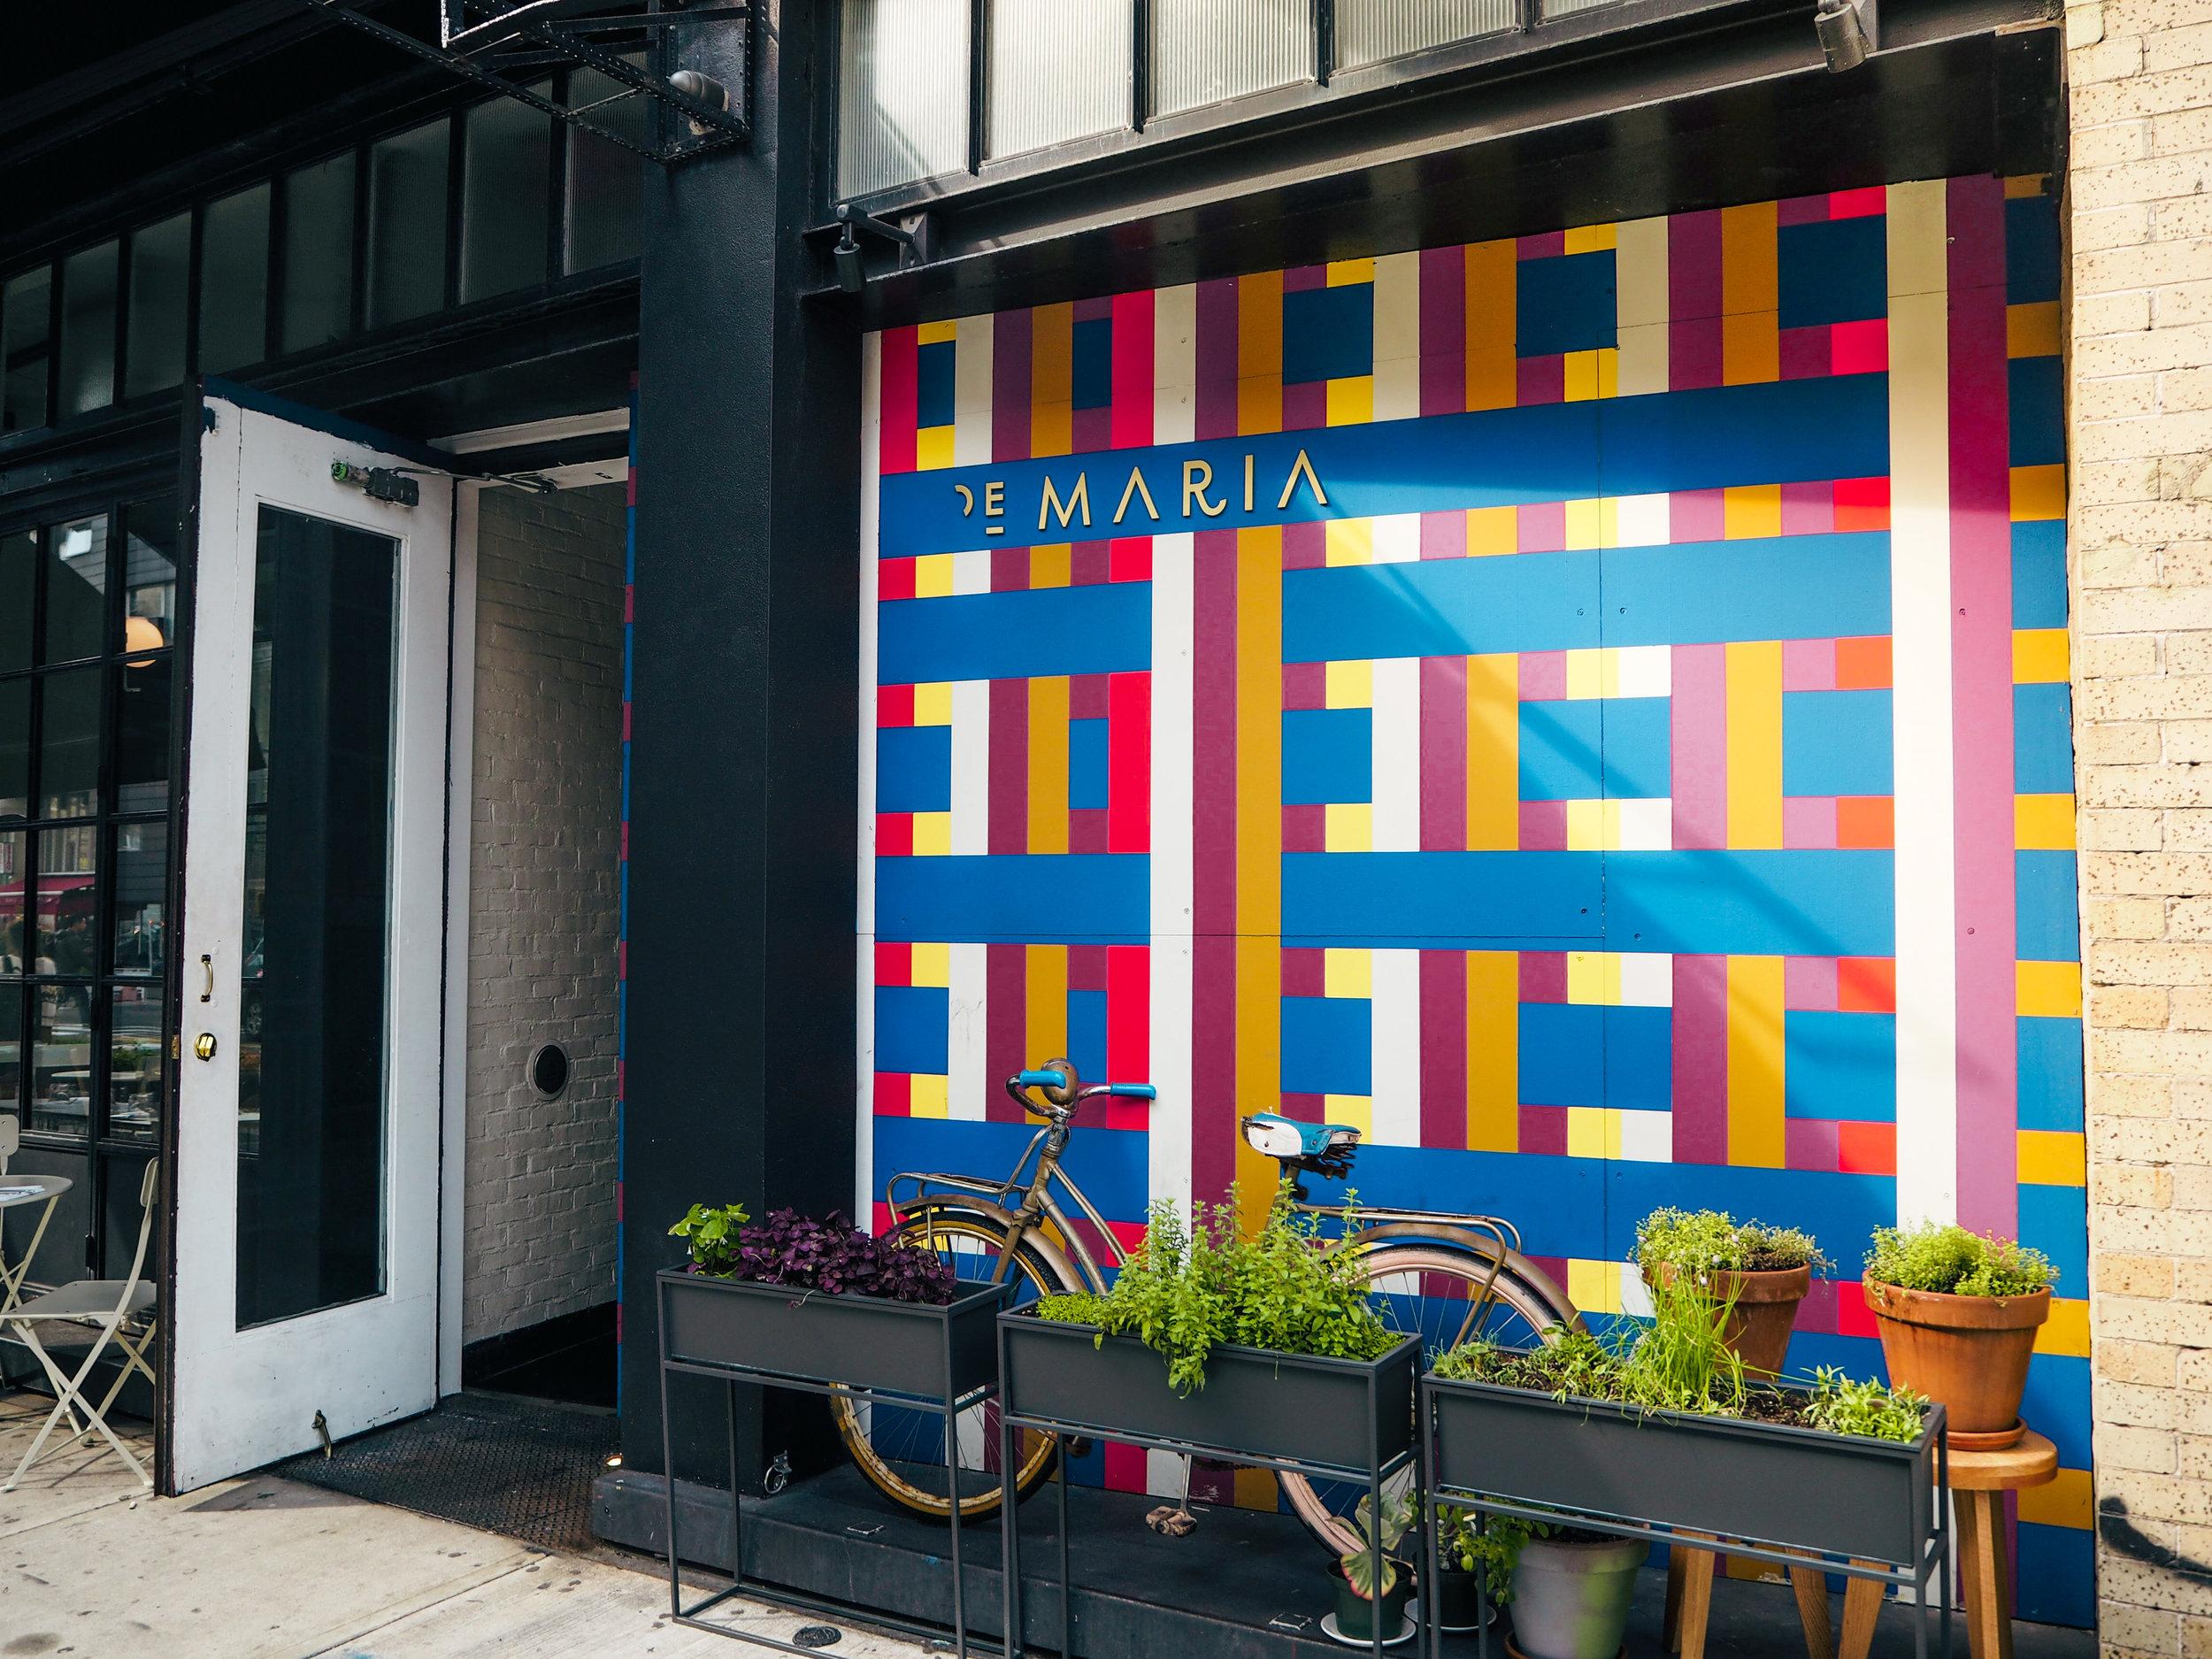 de+maria+most+instagrammable+restaurants+in+nyc jpgde+maria+